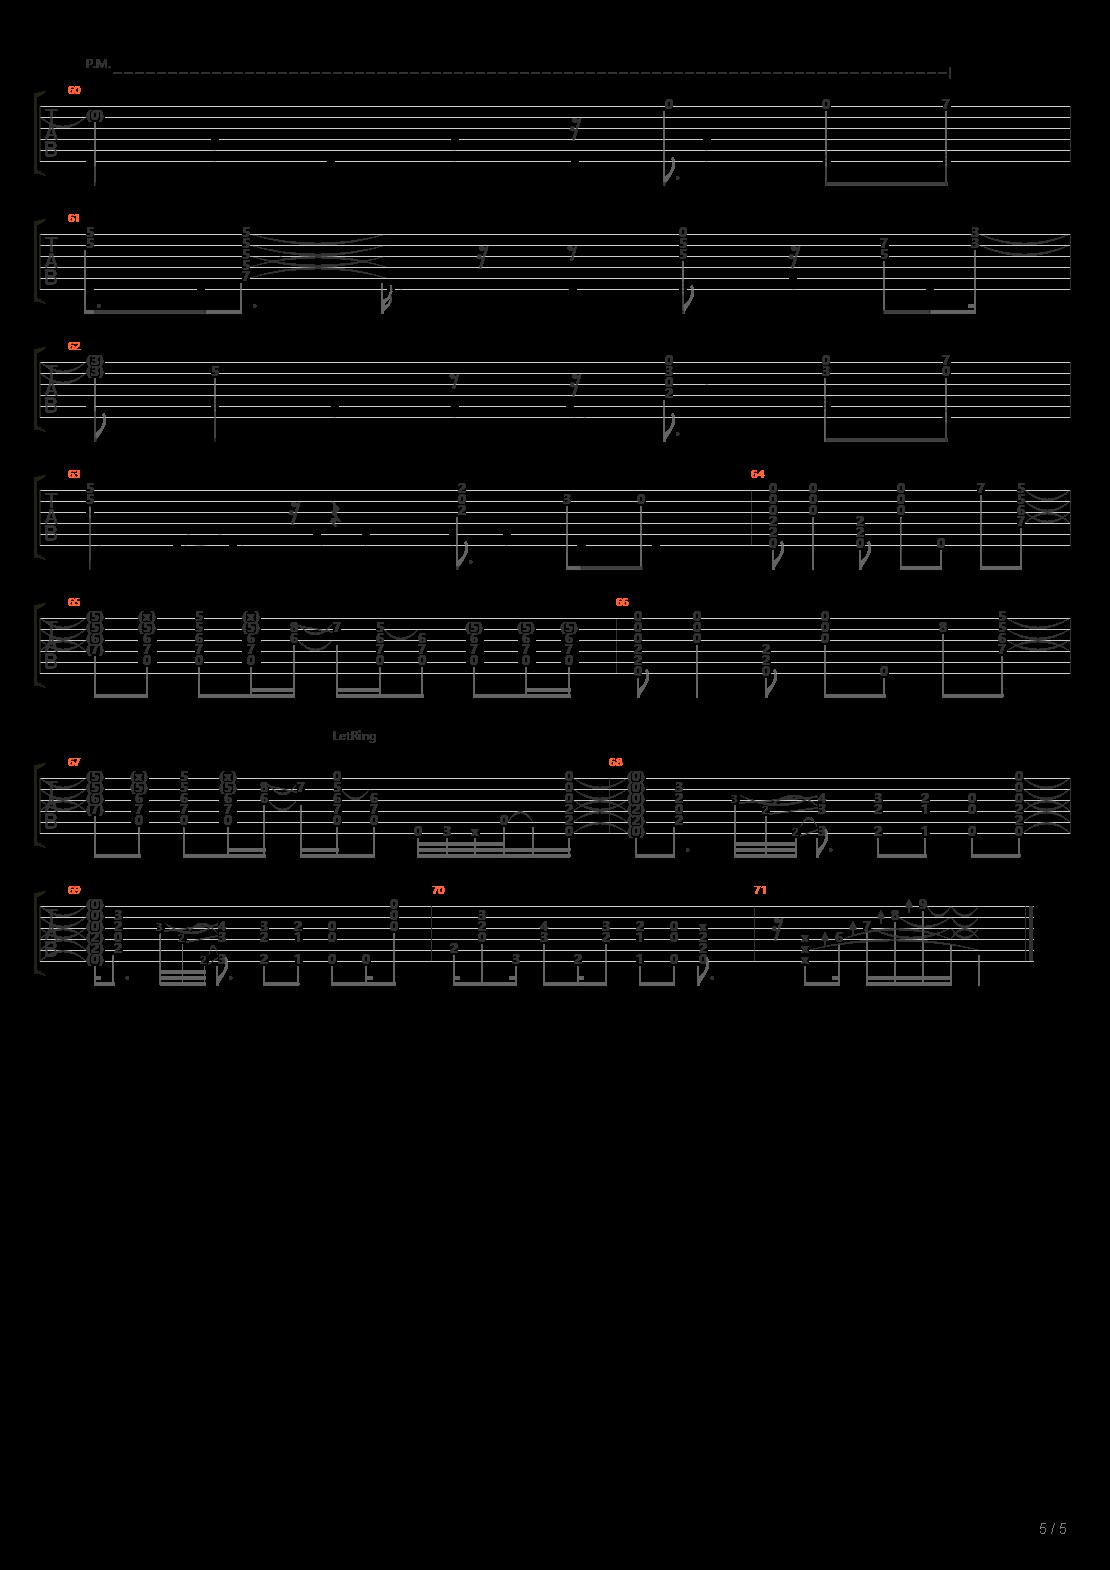 鲁邦三世OP「ルパン三世のテーマ'80」吉他谱